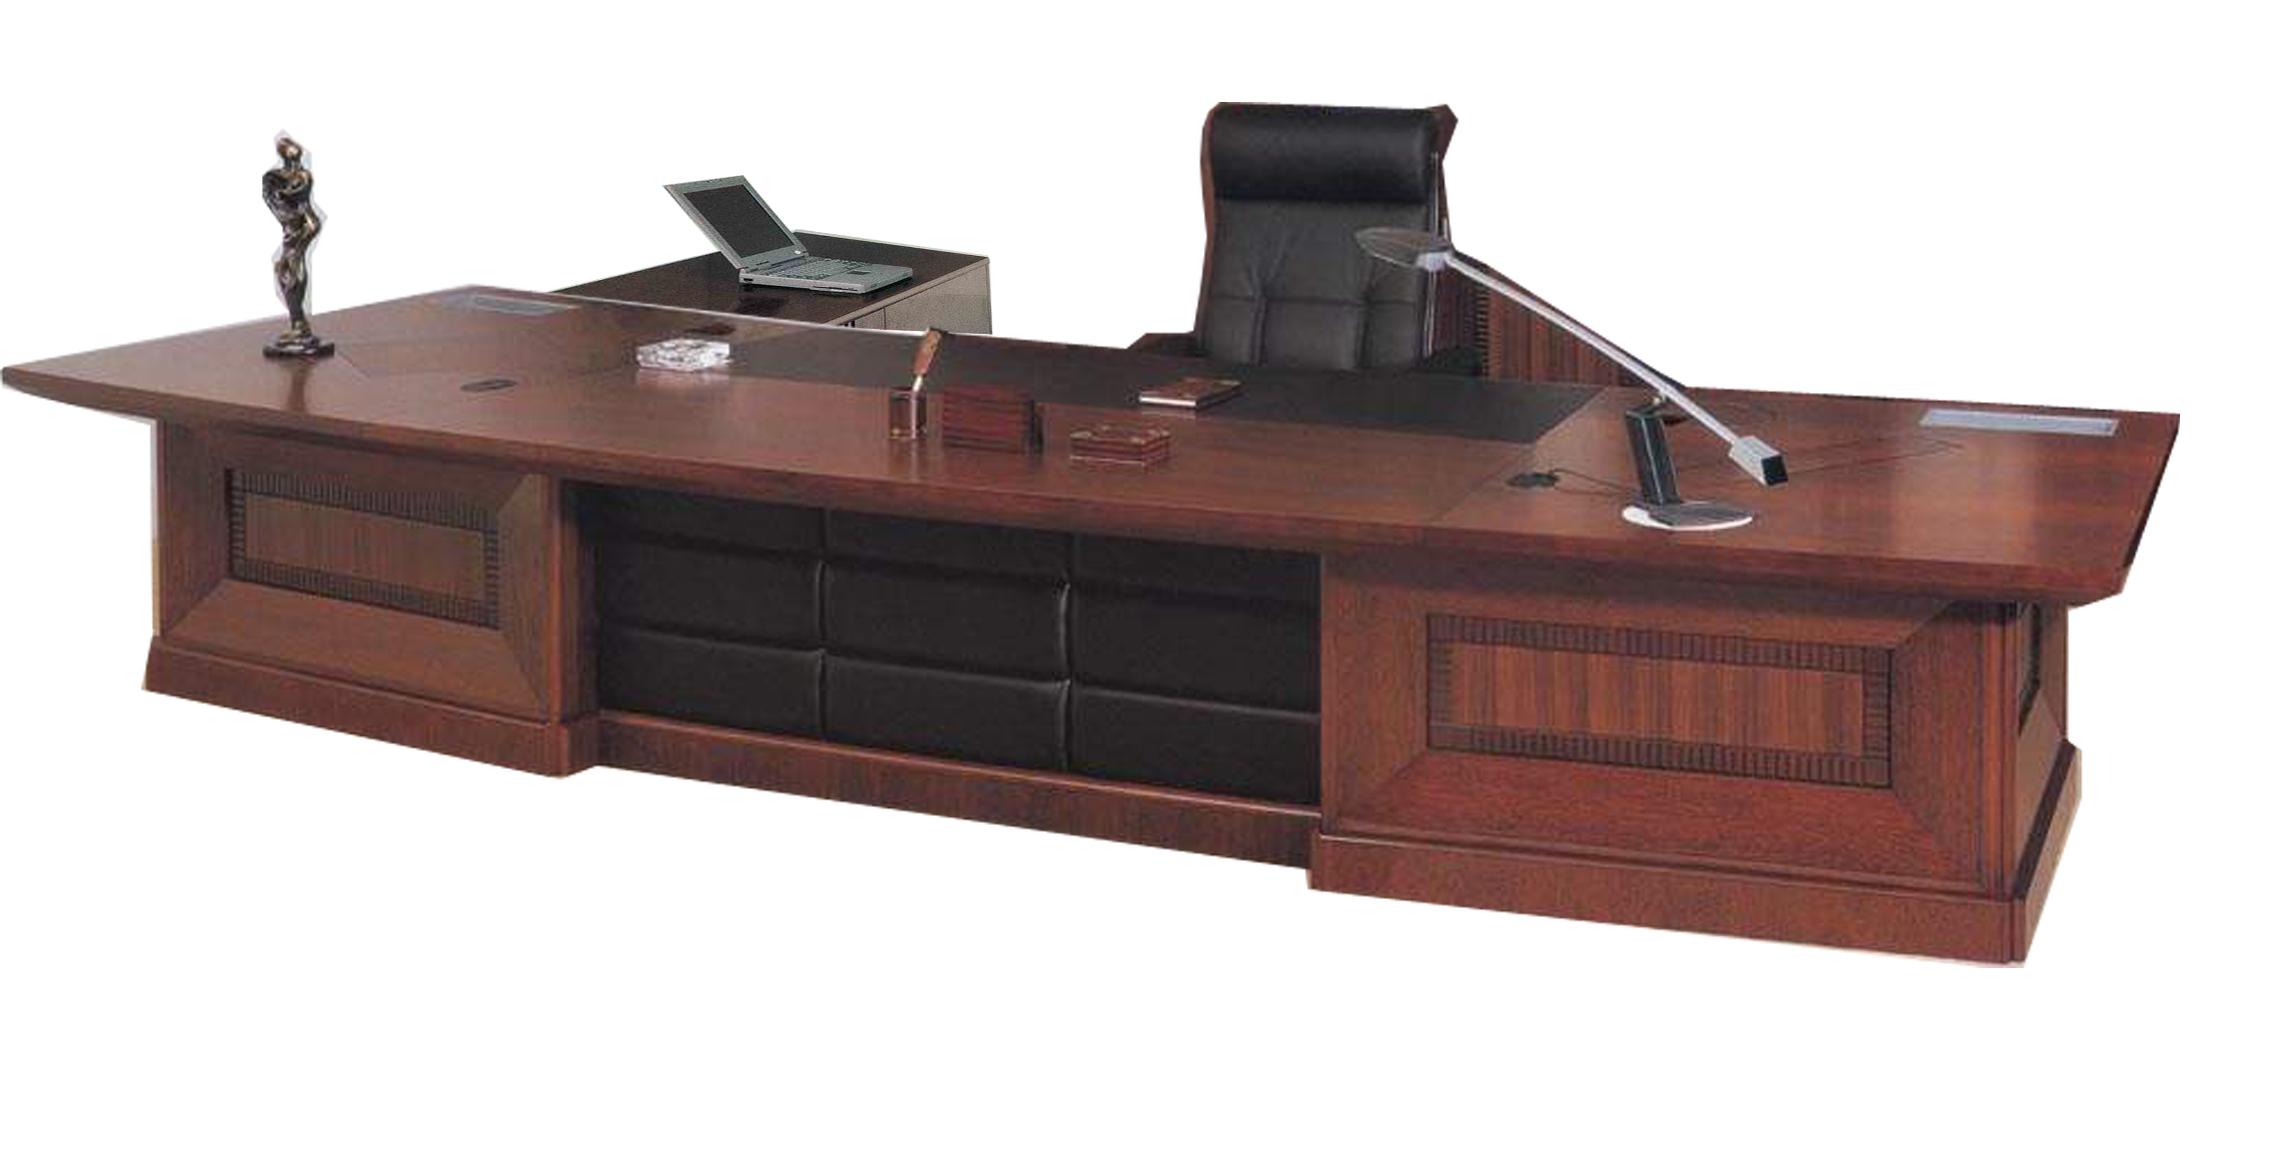 办公台 经典大班台 办公家具 经典大班台 实木大班台 实木大班桌 大